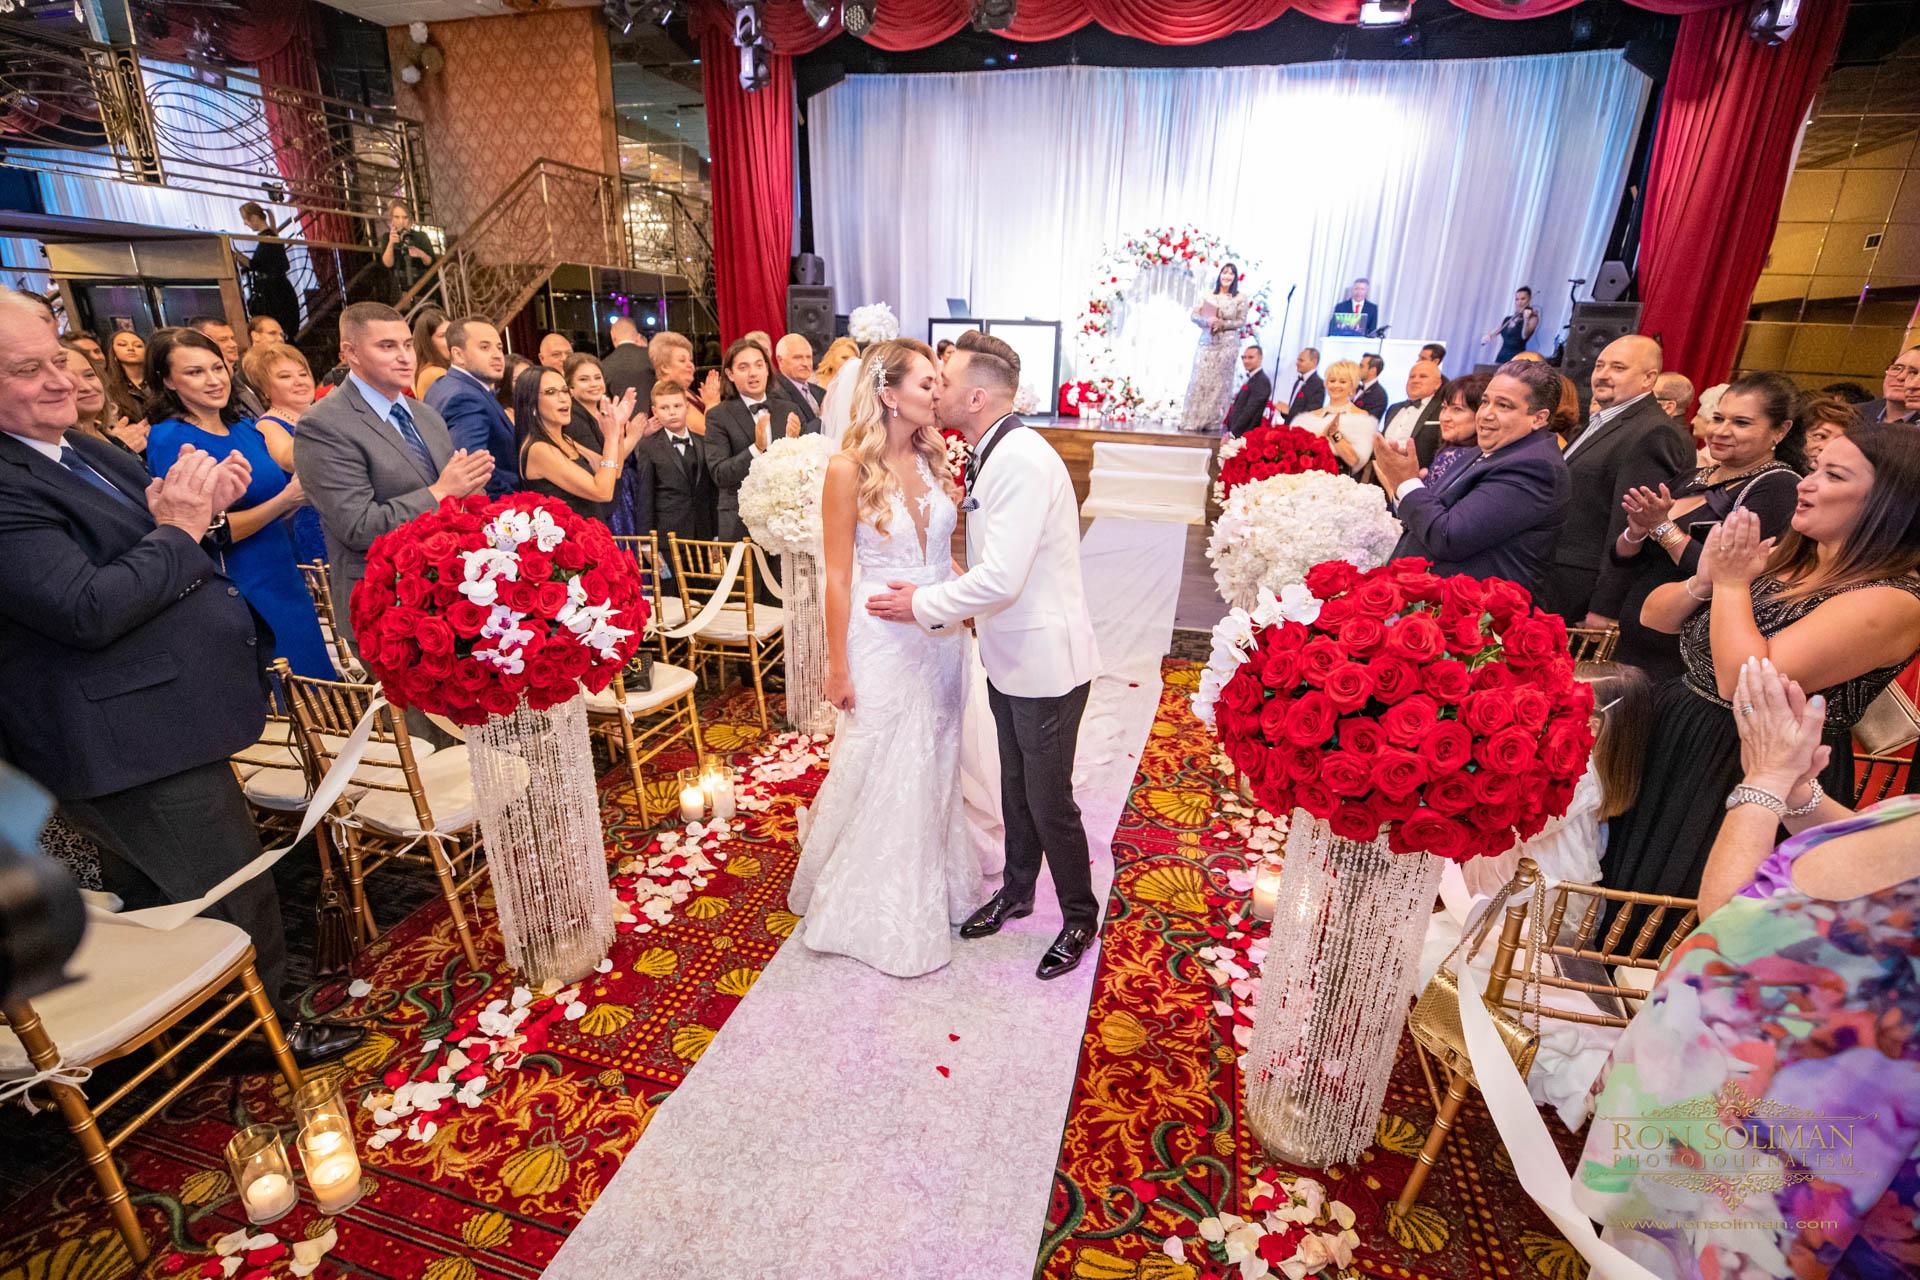 GOLDEN GATES RESTAURANT WEDDING 29